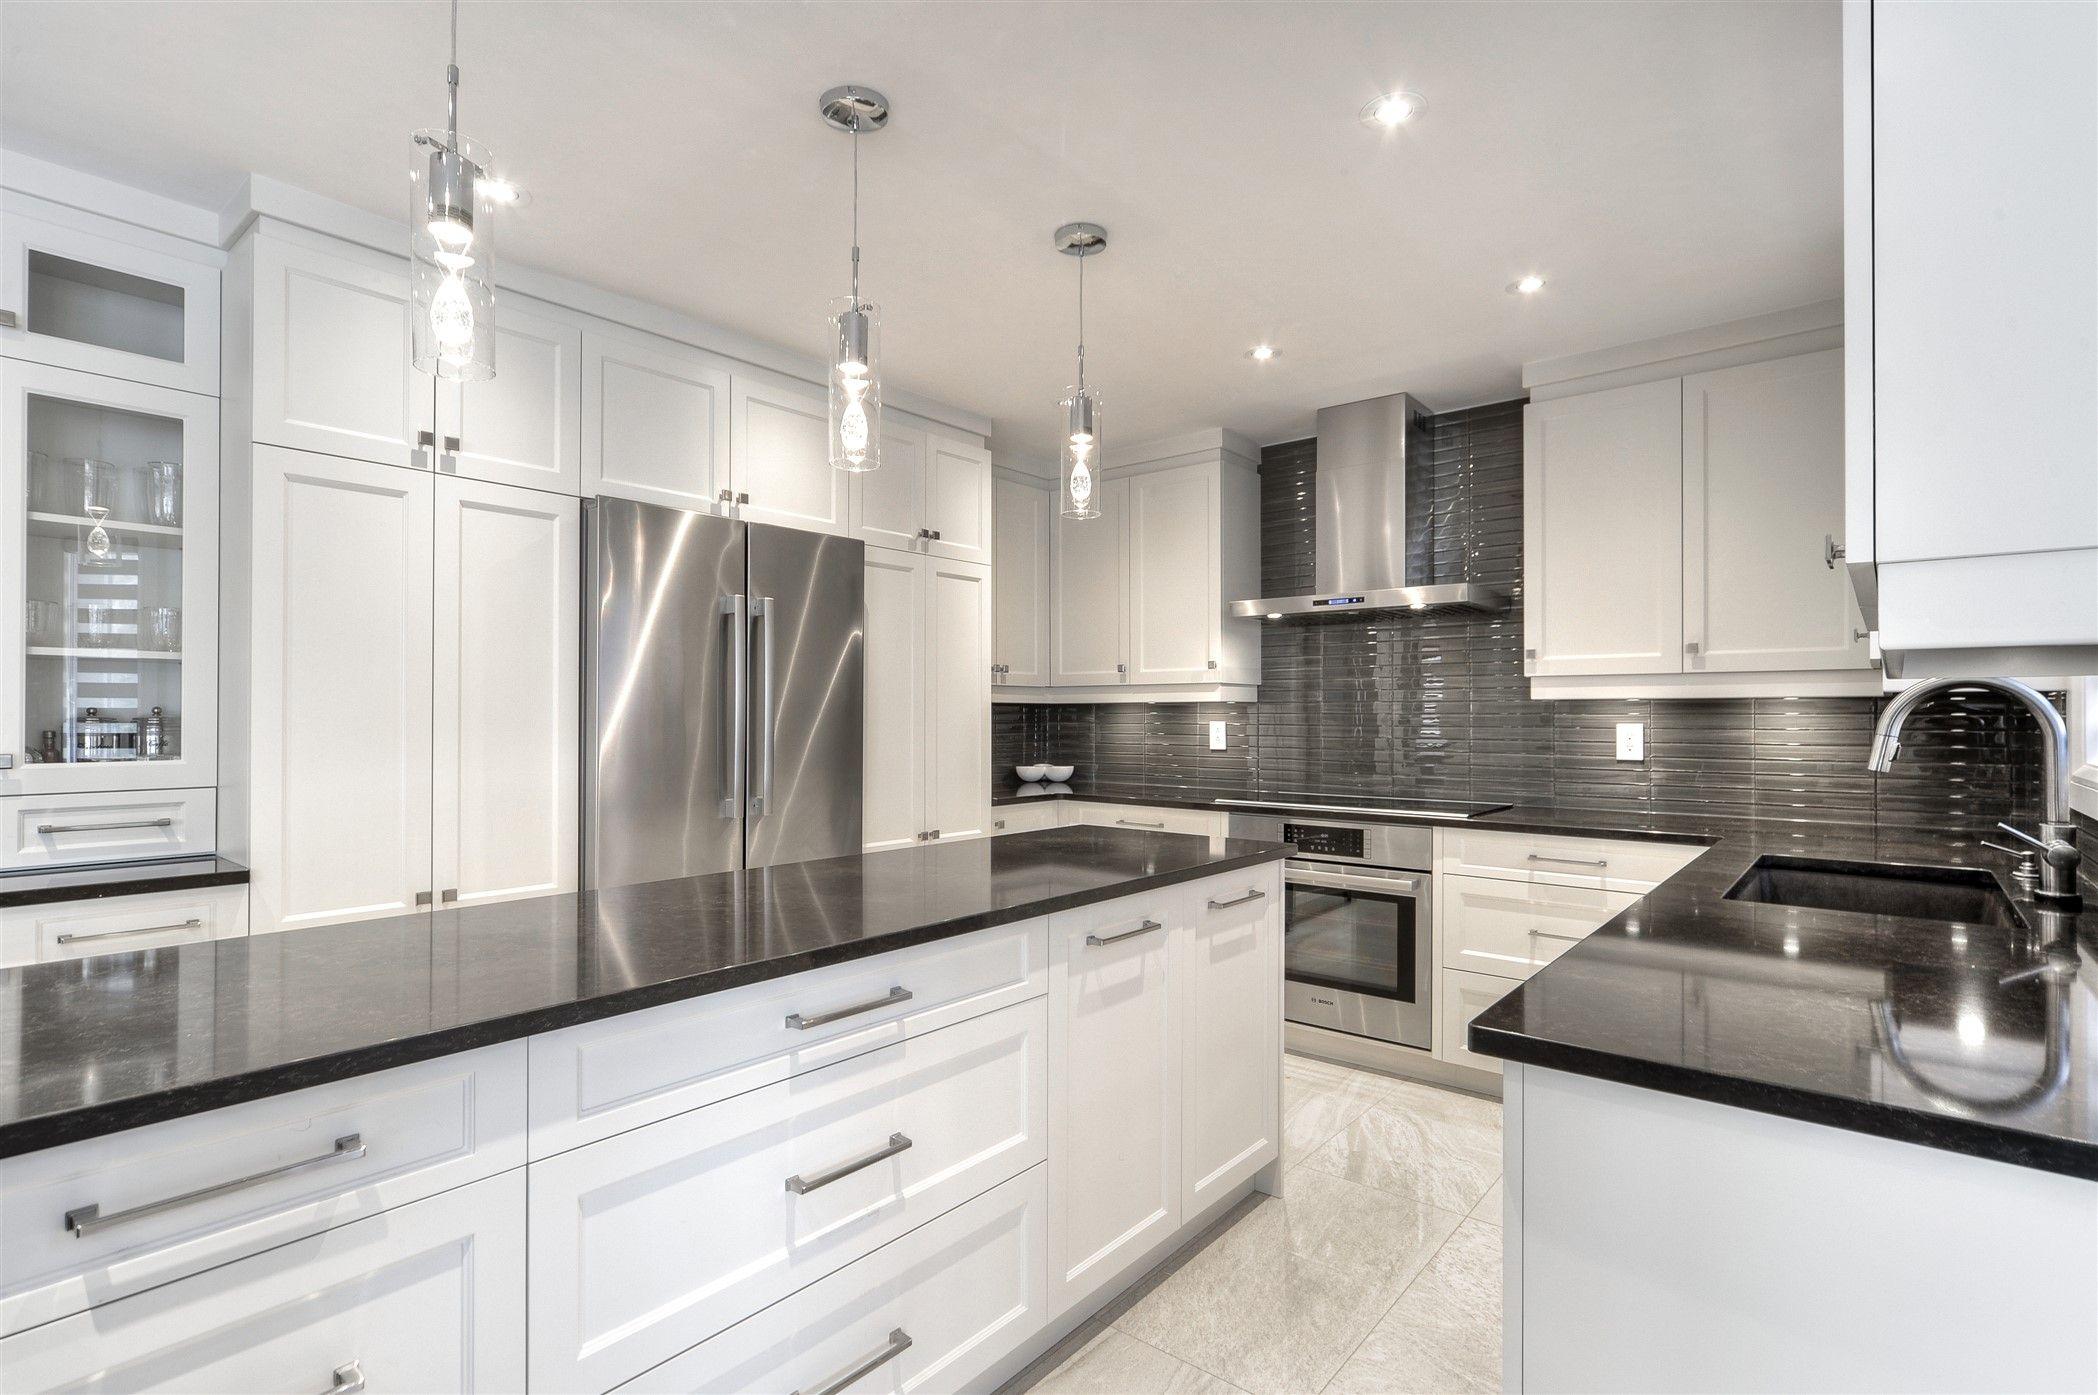 Une cuisine enti rement r nov e de style moderne des armoires de cuisine h r novation cl s - Peinture d armoire de cuisine ...